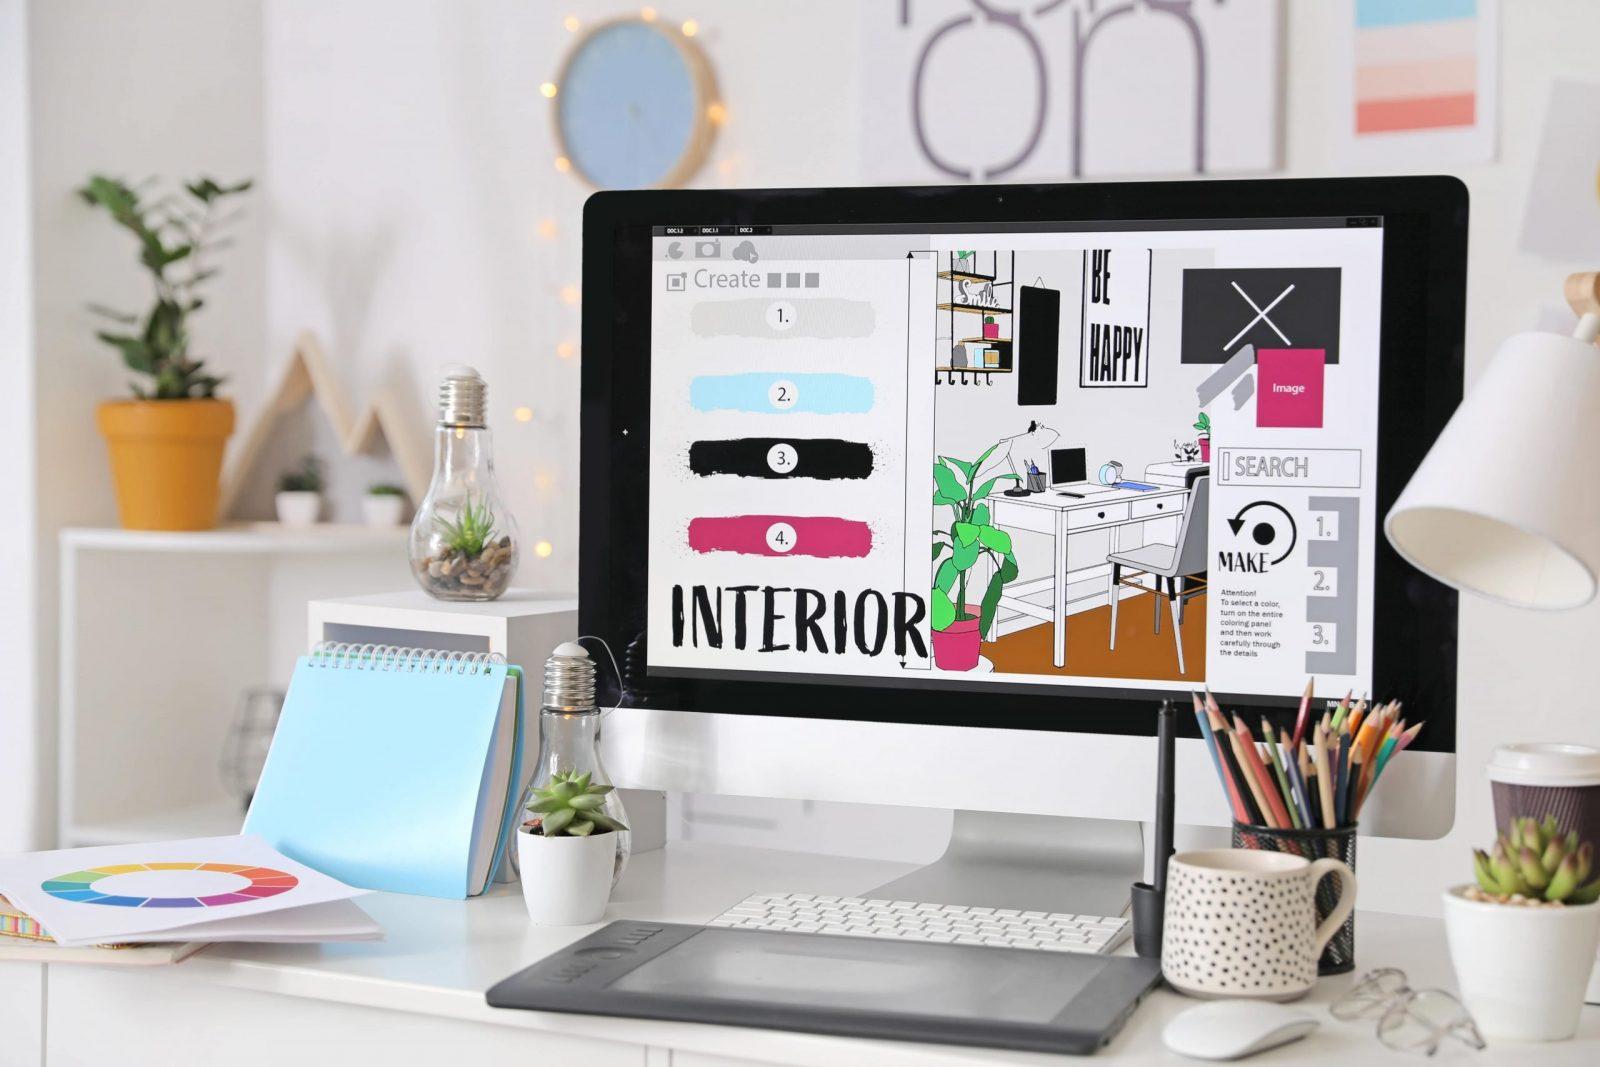 Interior Designer's iMac